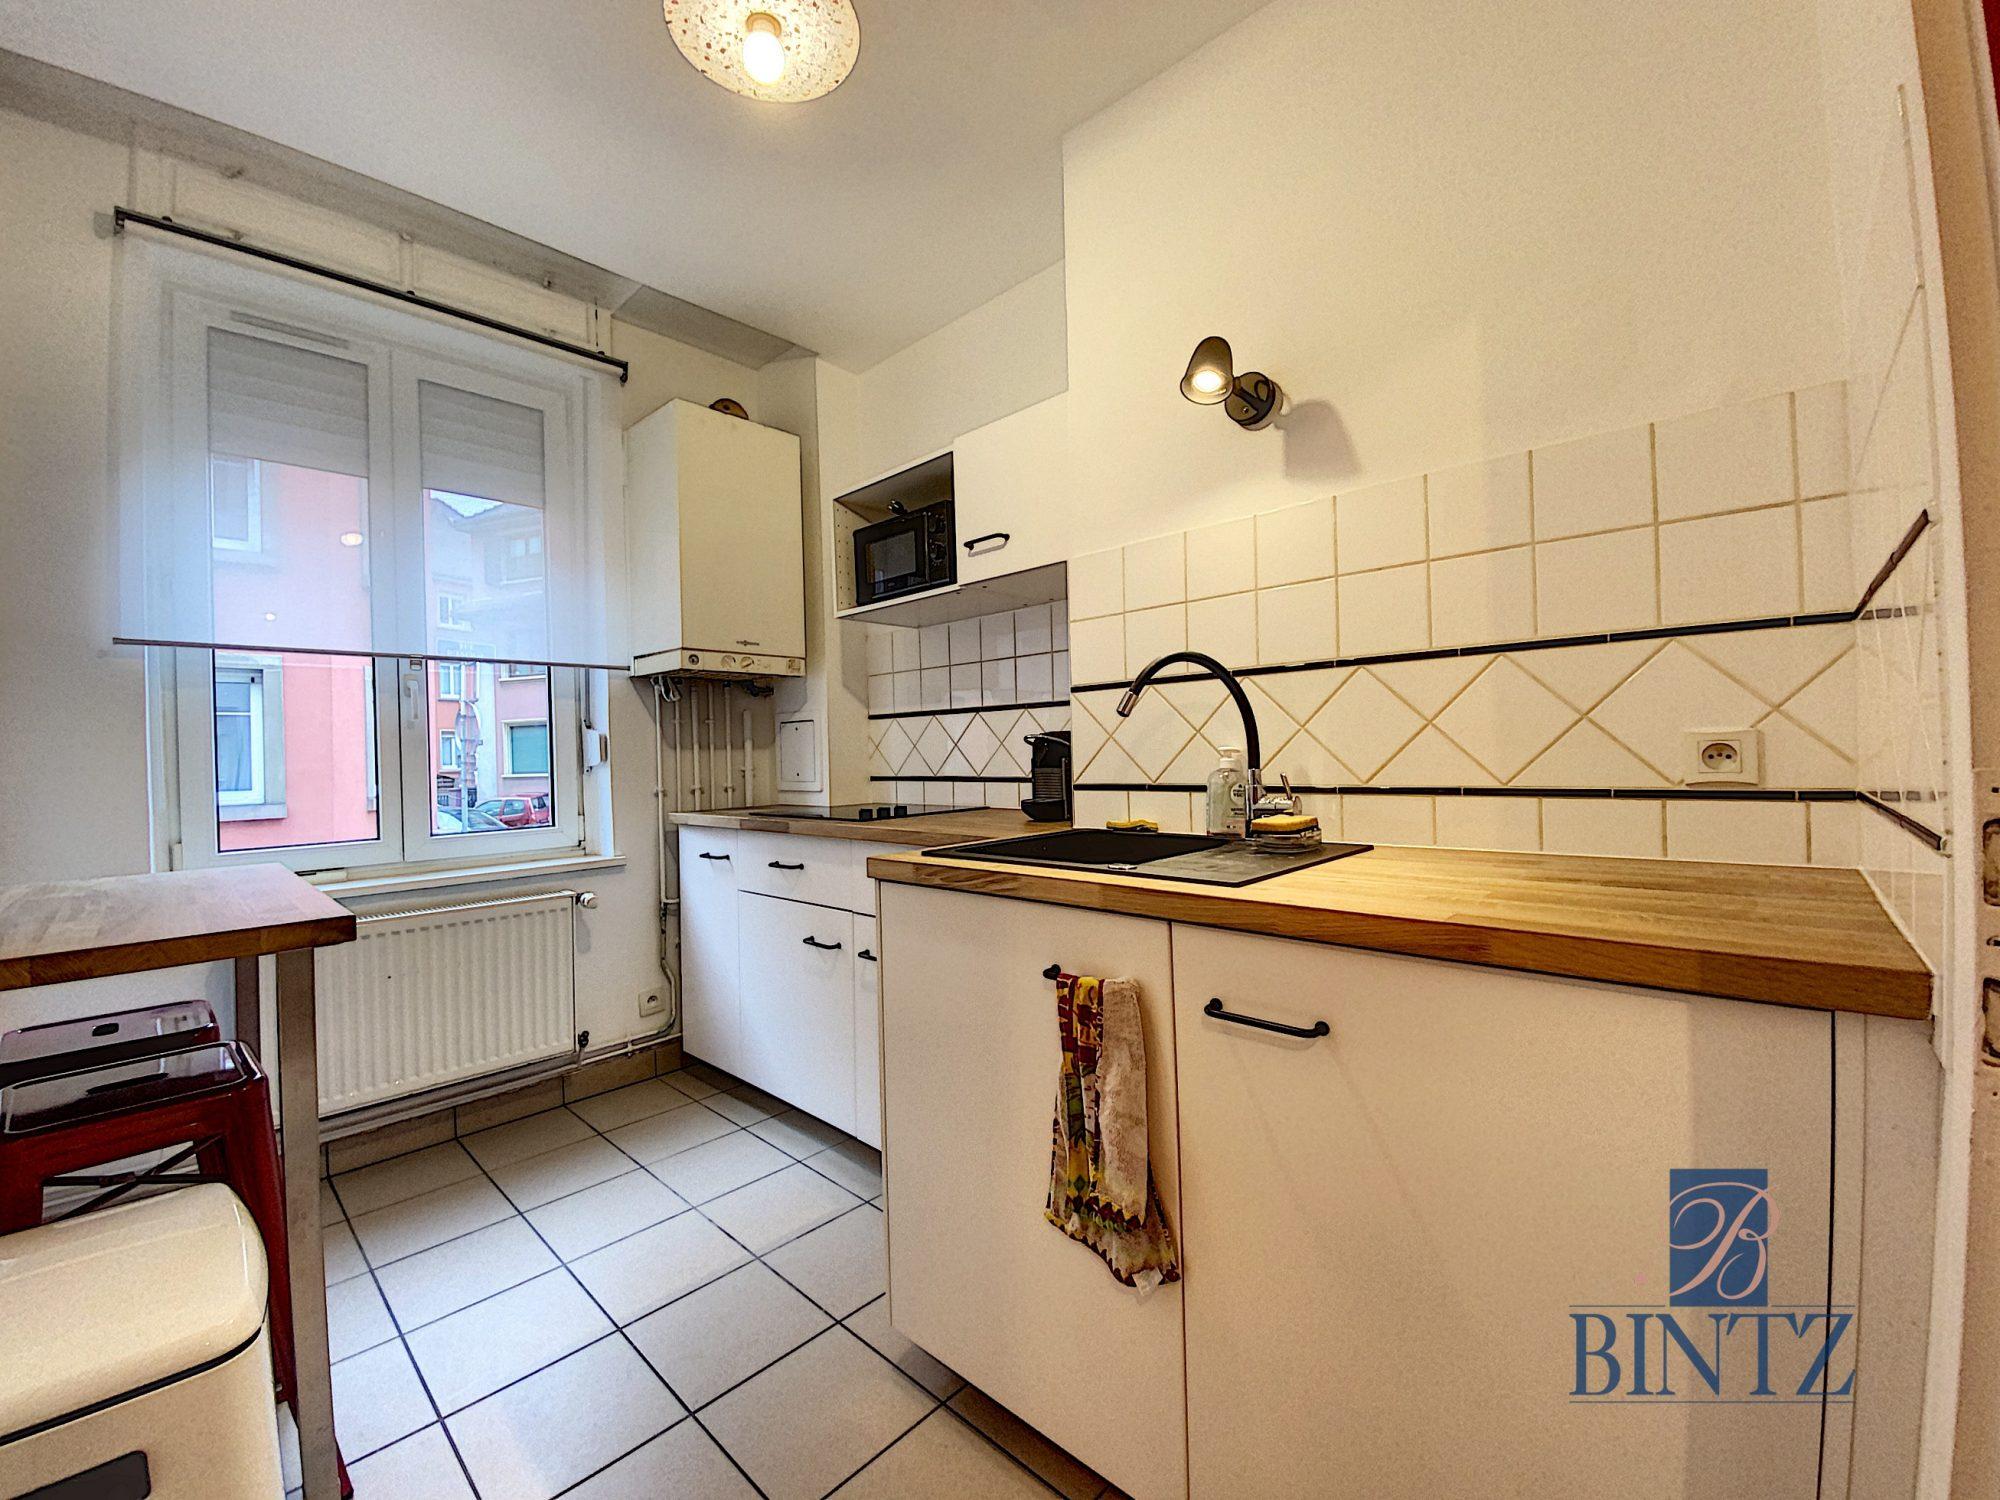 2P MEUBLÉ NEUDORF - Devenez locataire en toute sérénité - Bintz Immobilier - 4